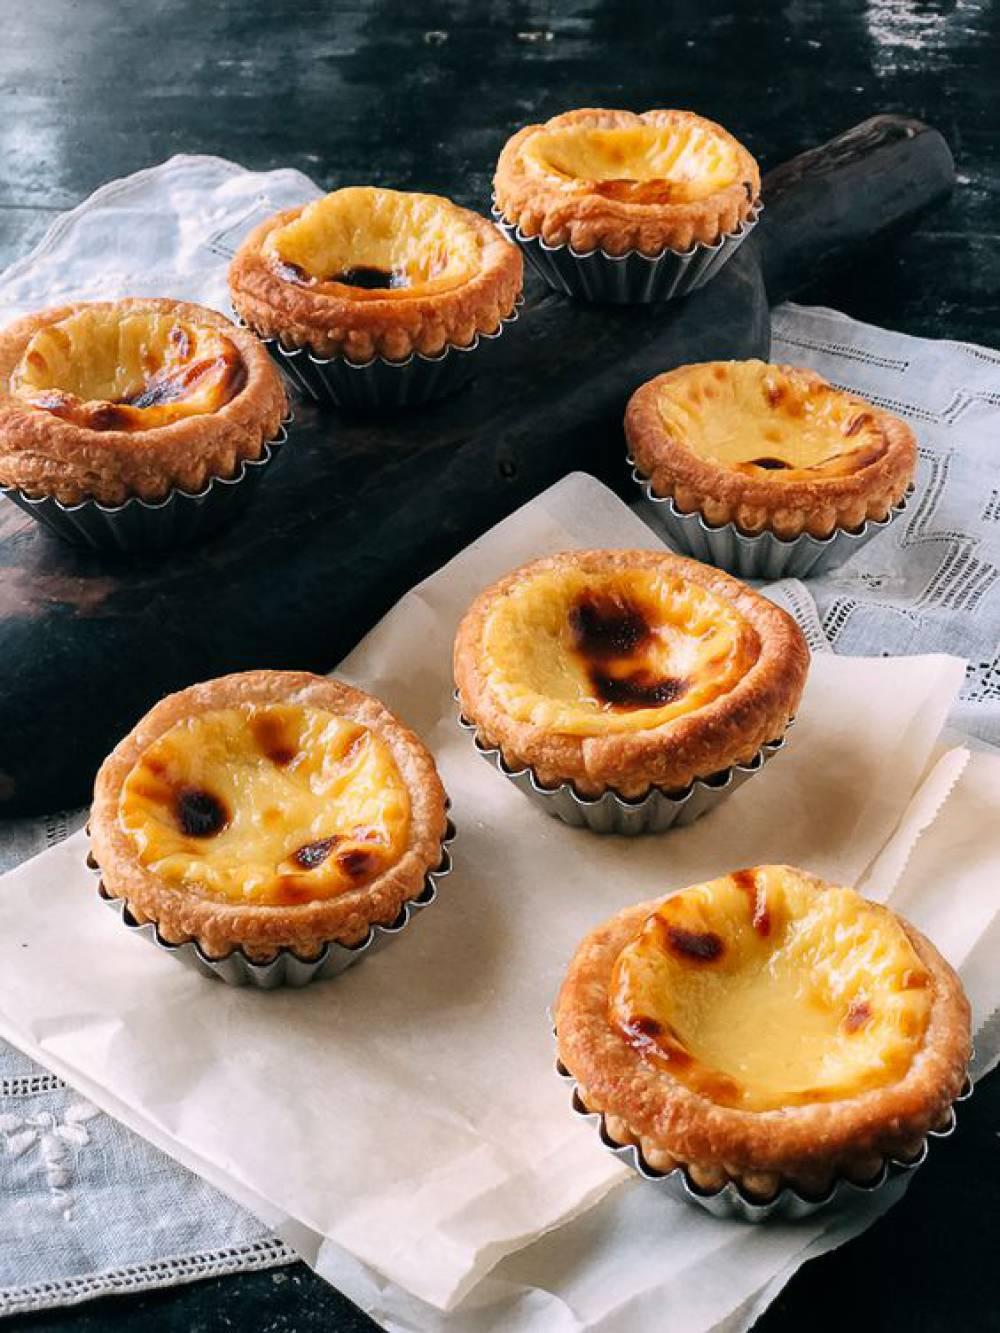 دسرها و شیرینیهای کشور پرتغال